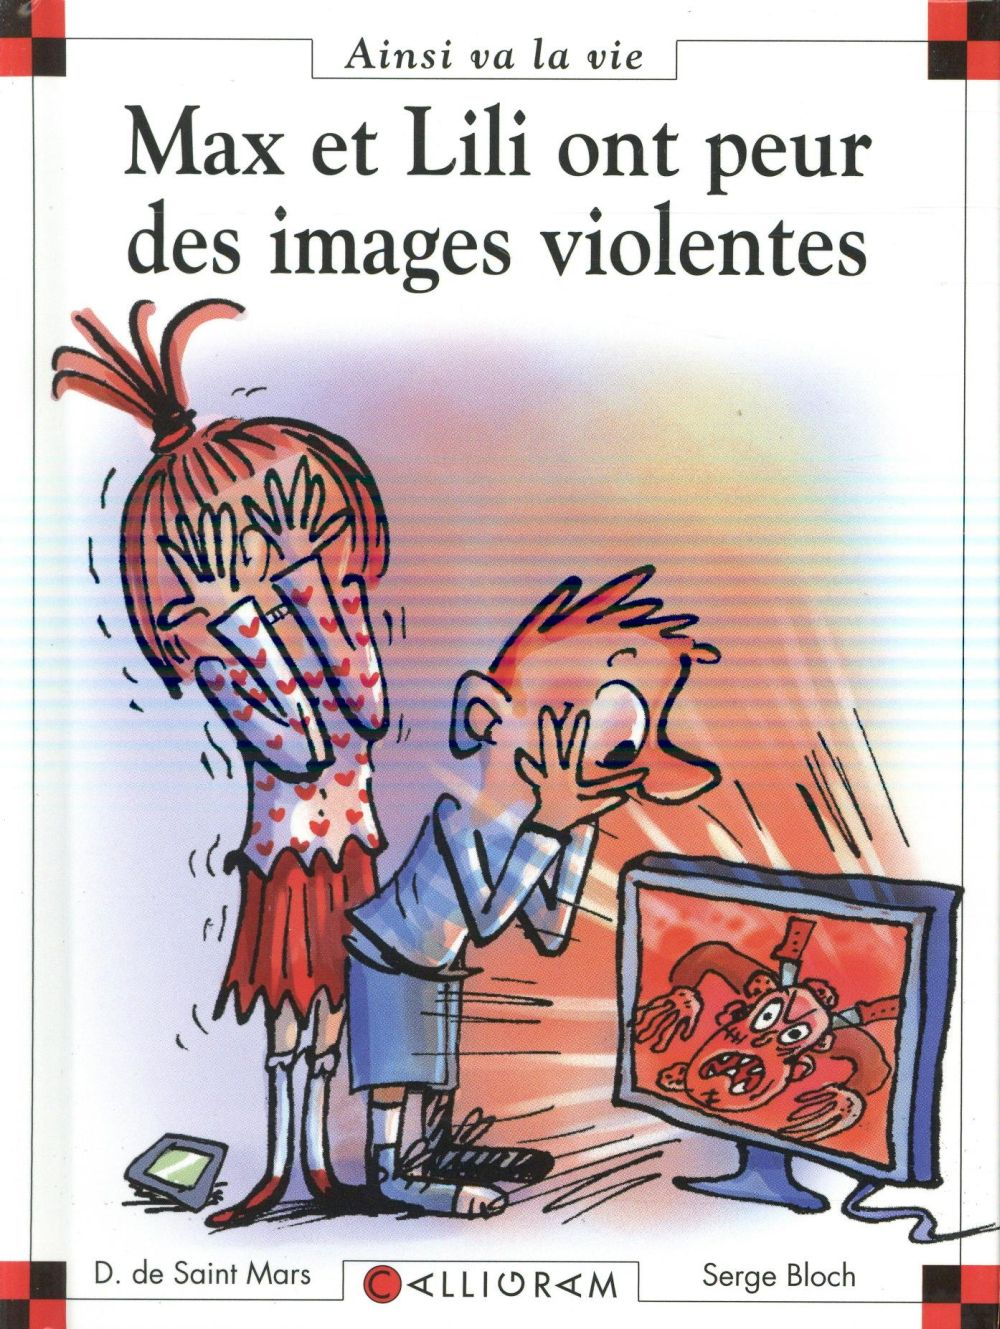 Max et Lili ont peur des images violentes